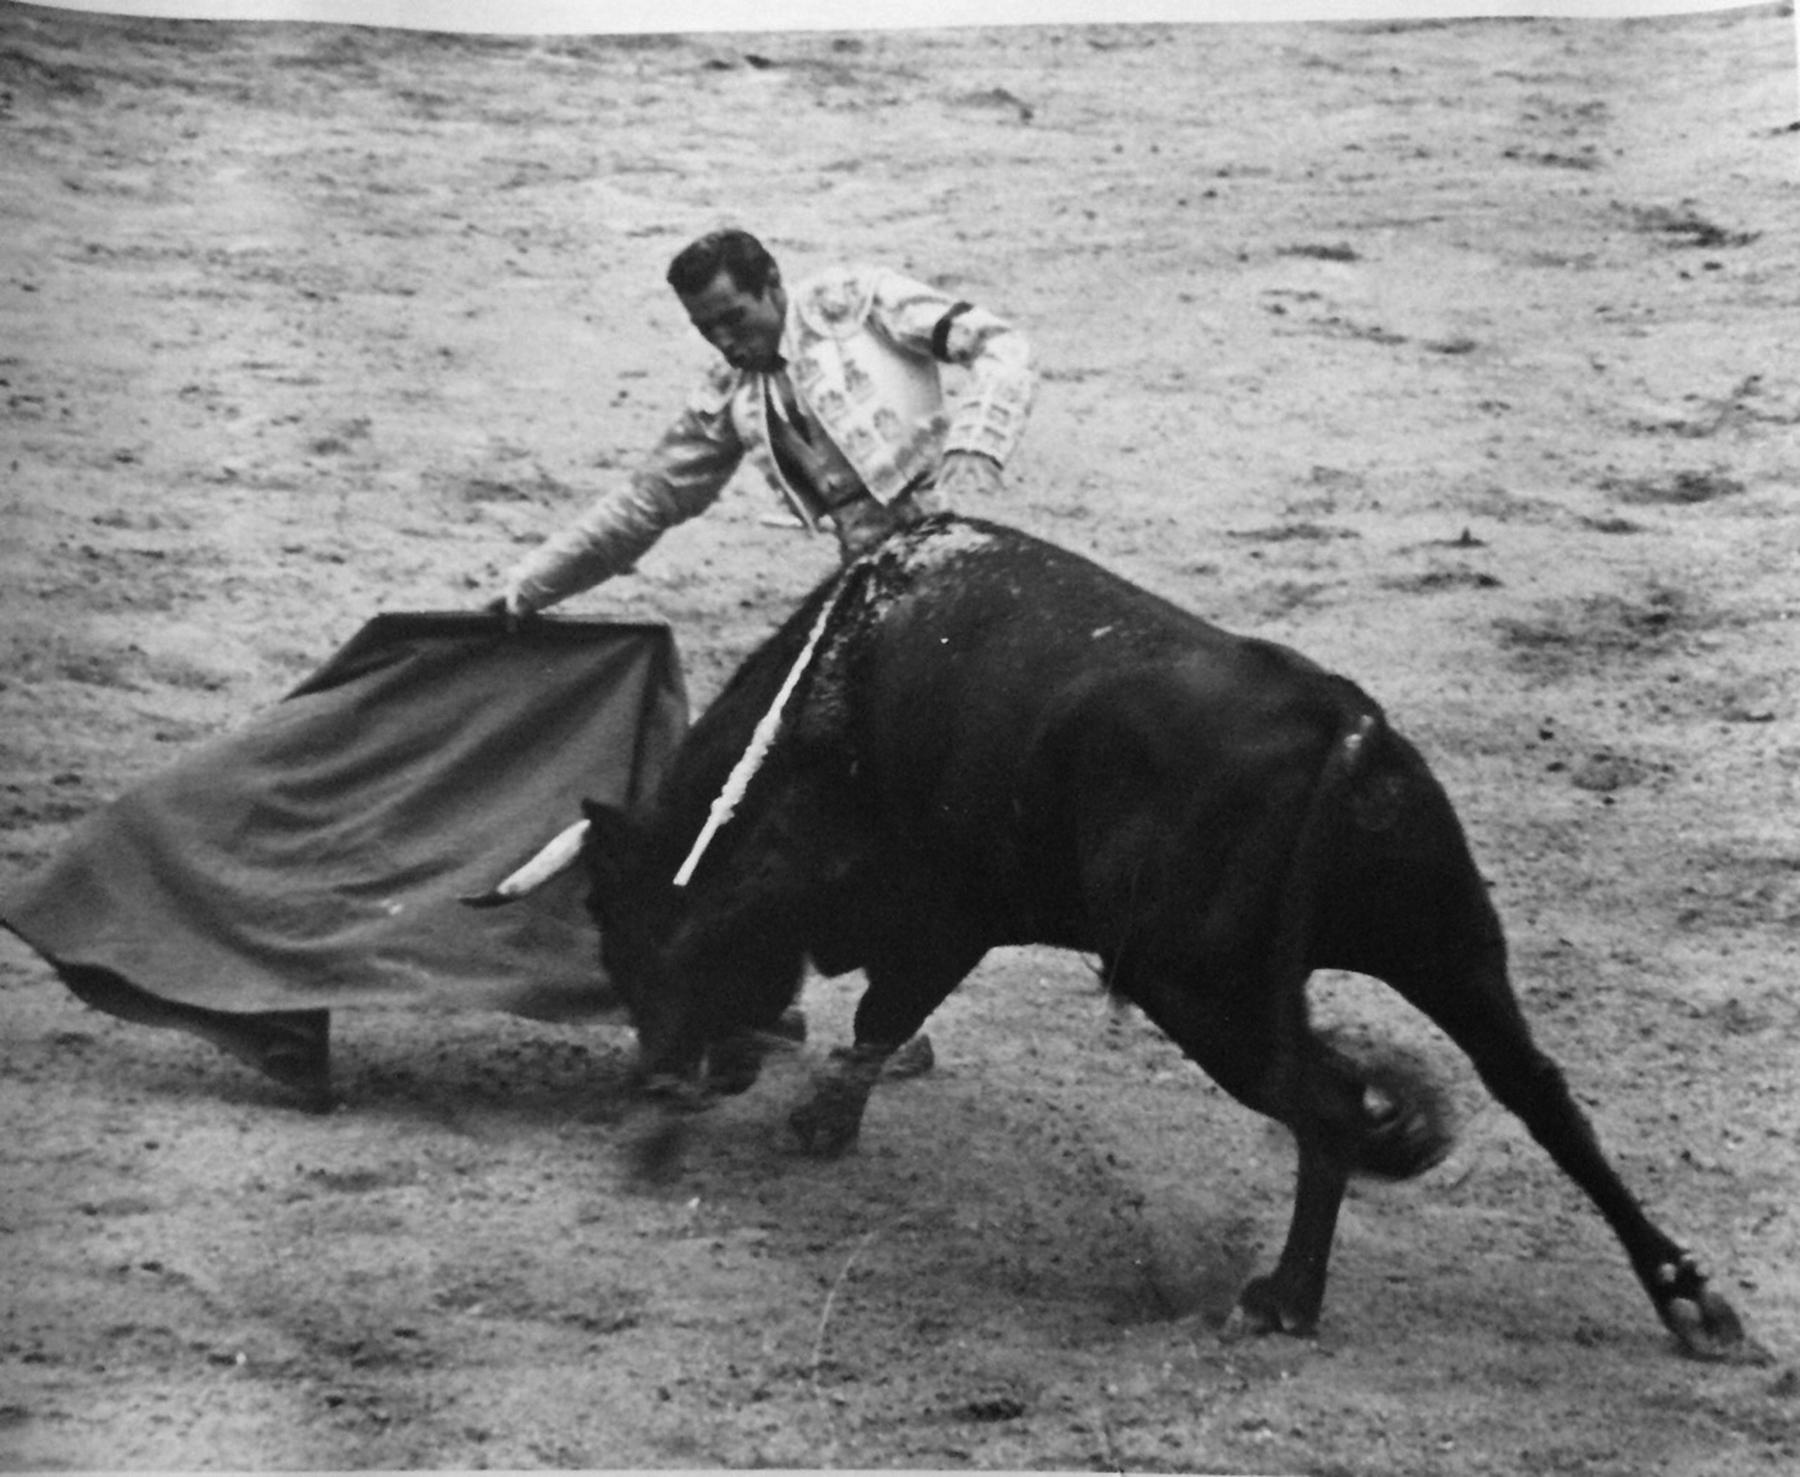 Matador and bull 4